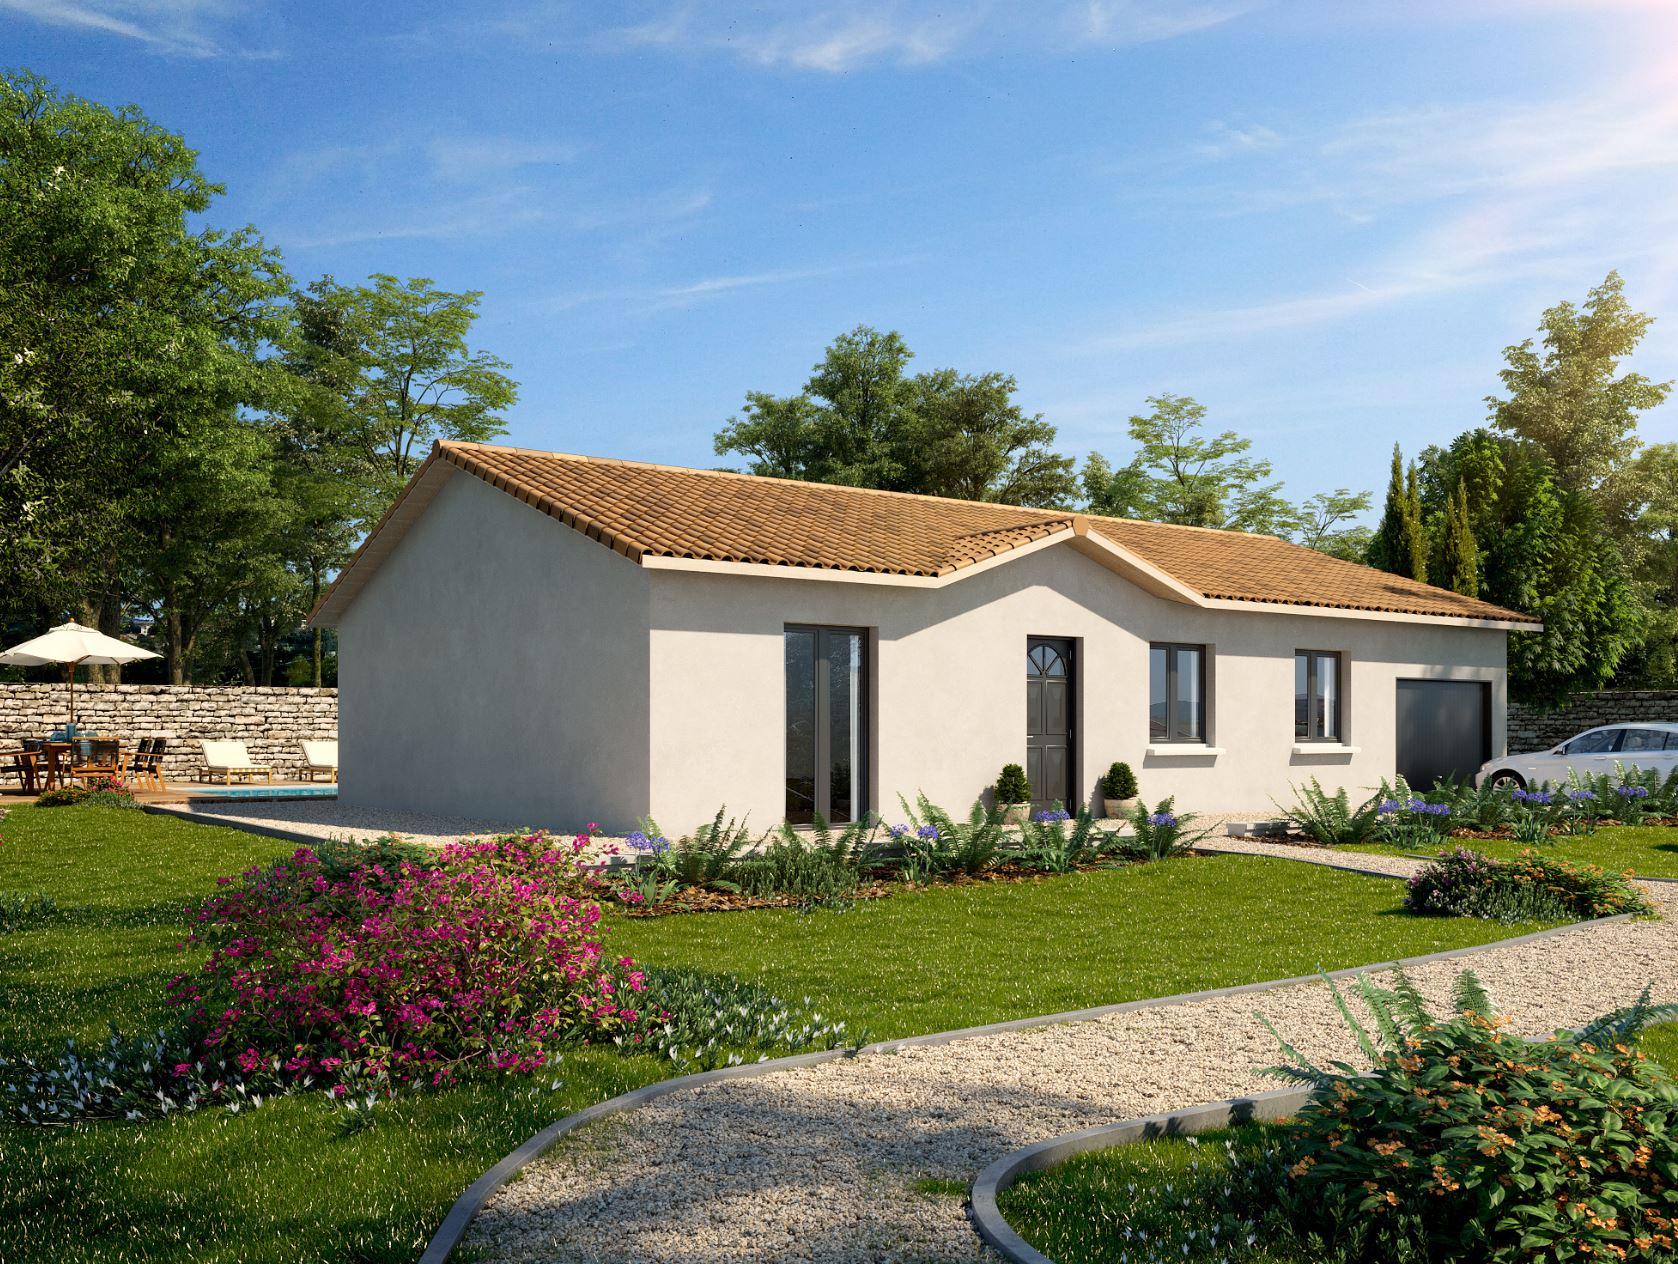 Maisons + Terrains du constructeur MAISONS PUNCH BOURGOIN • 92 m² • LA BATIE MONTGASCON